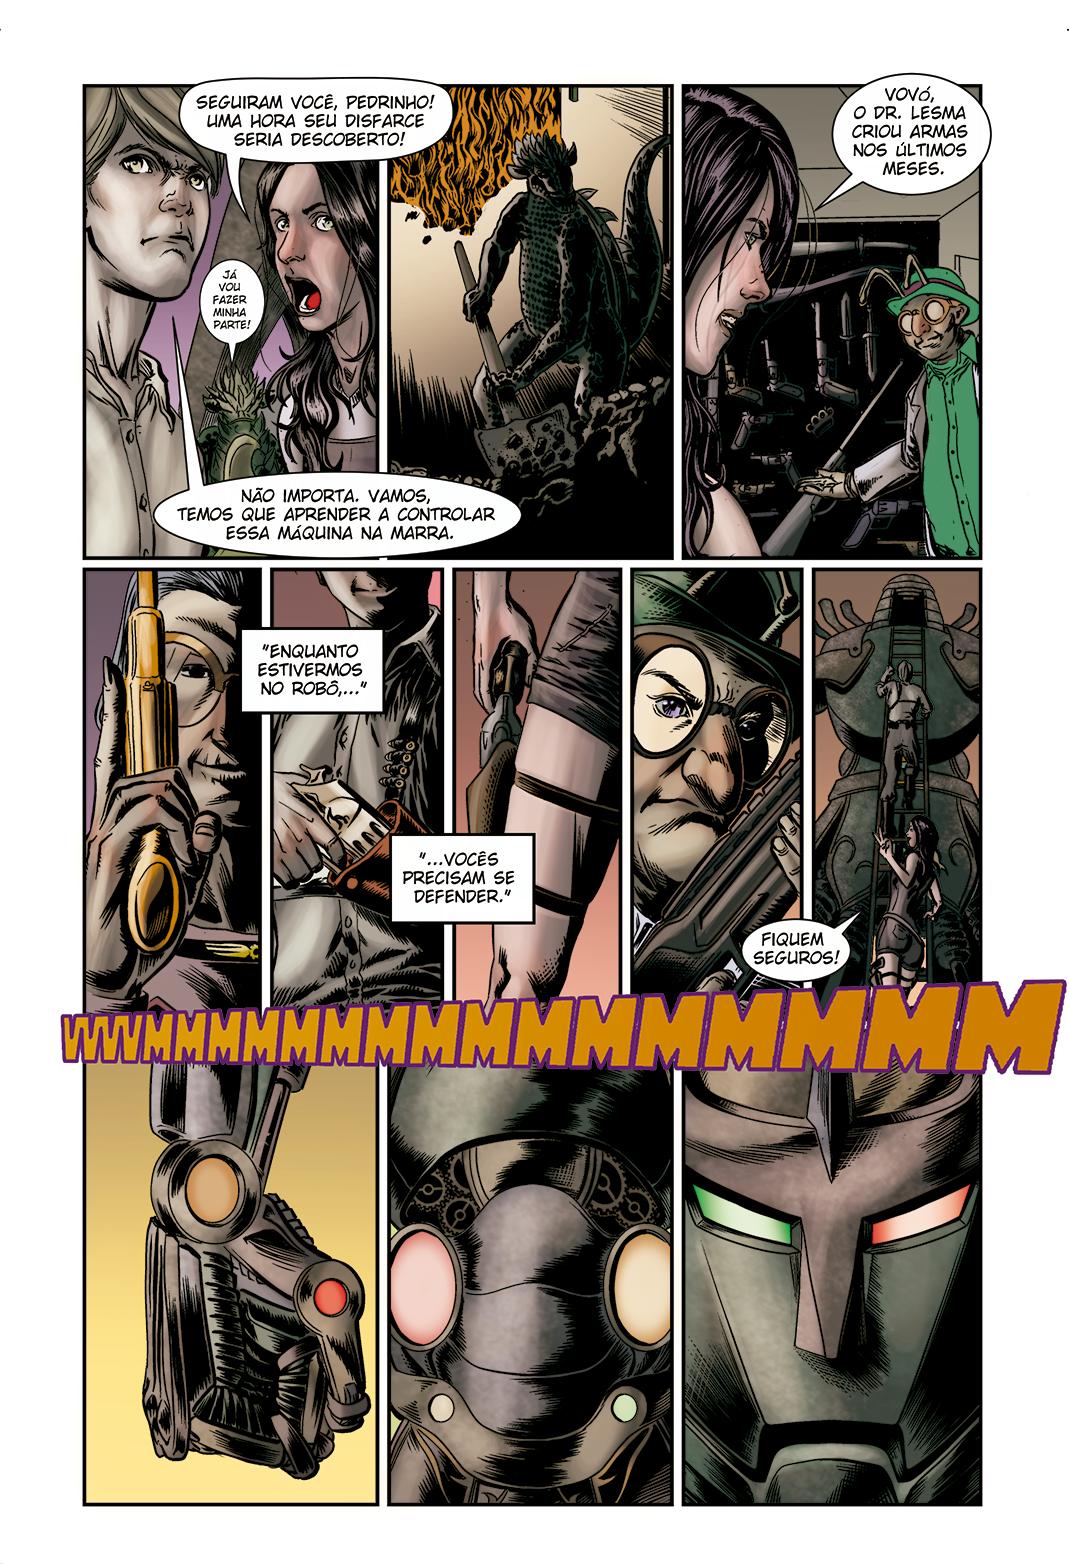 """Página 6 de """"E.M.1 L 1.4"""", da antologia RANCHO DO CORVO DOURADO, de 2019. Linhas e colorização."""